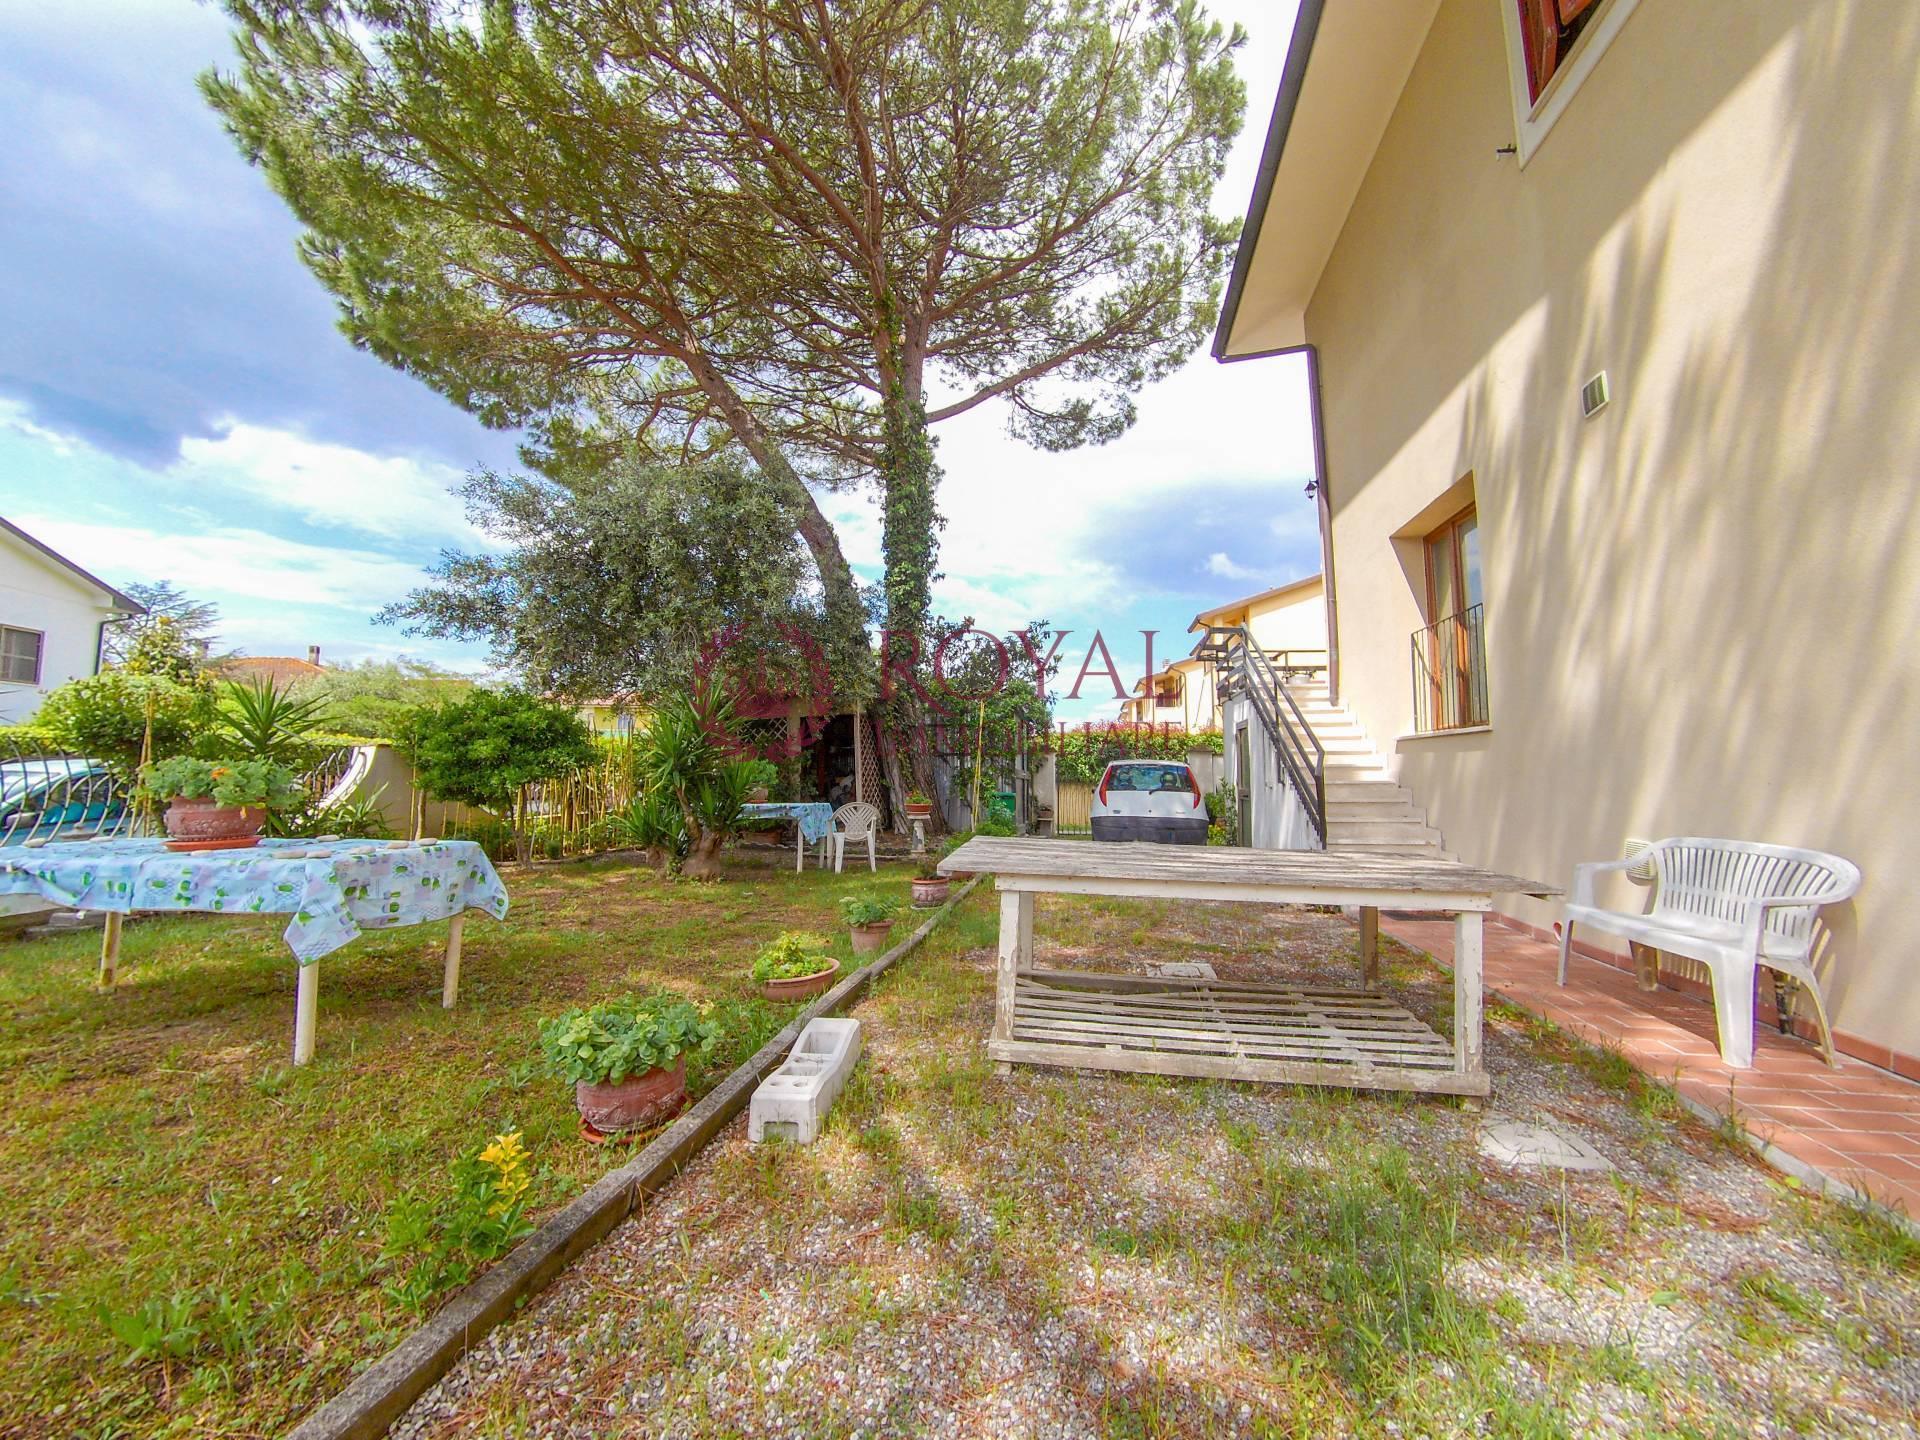 Appartamento in vendita a Collesalvetti, 6 locali, zona rello, prezzo € 300.000 | PortaleAgenzieImmobiliari.it